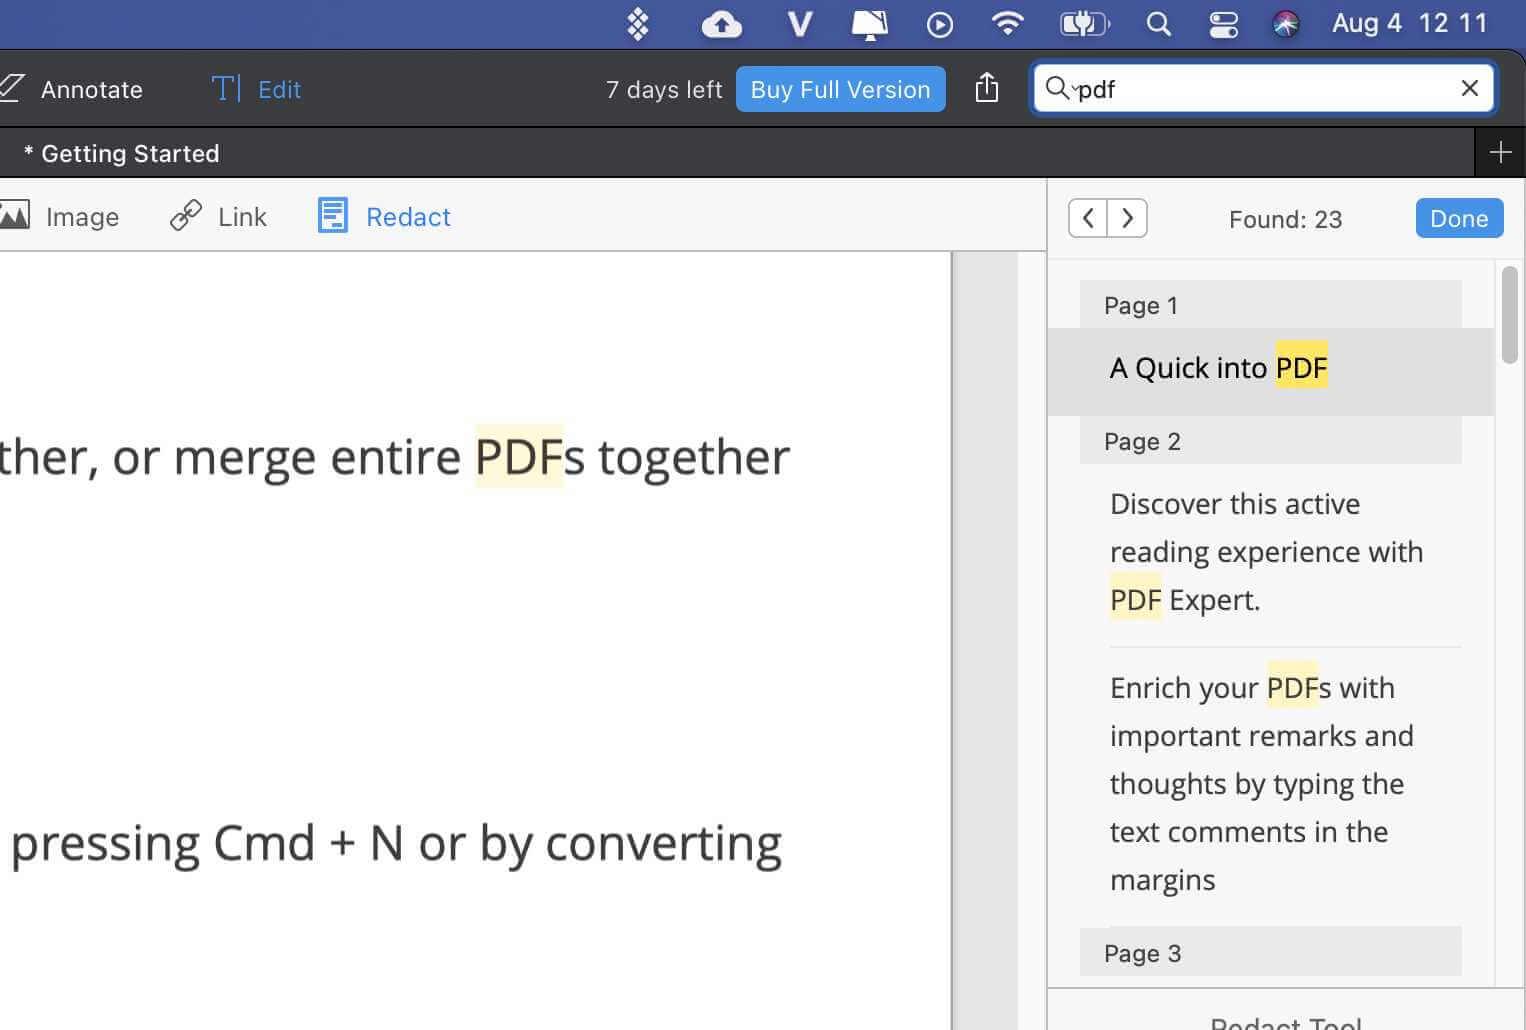 pdf expert search